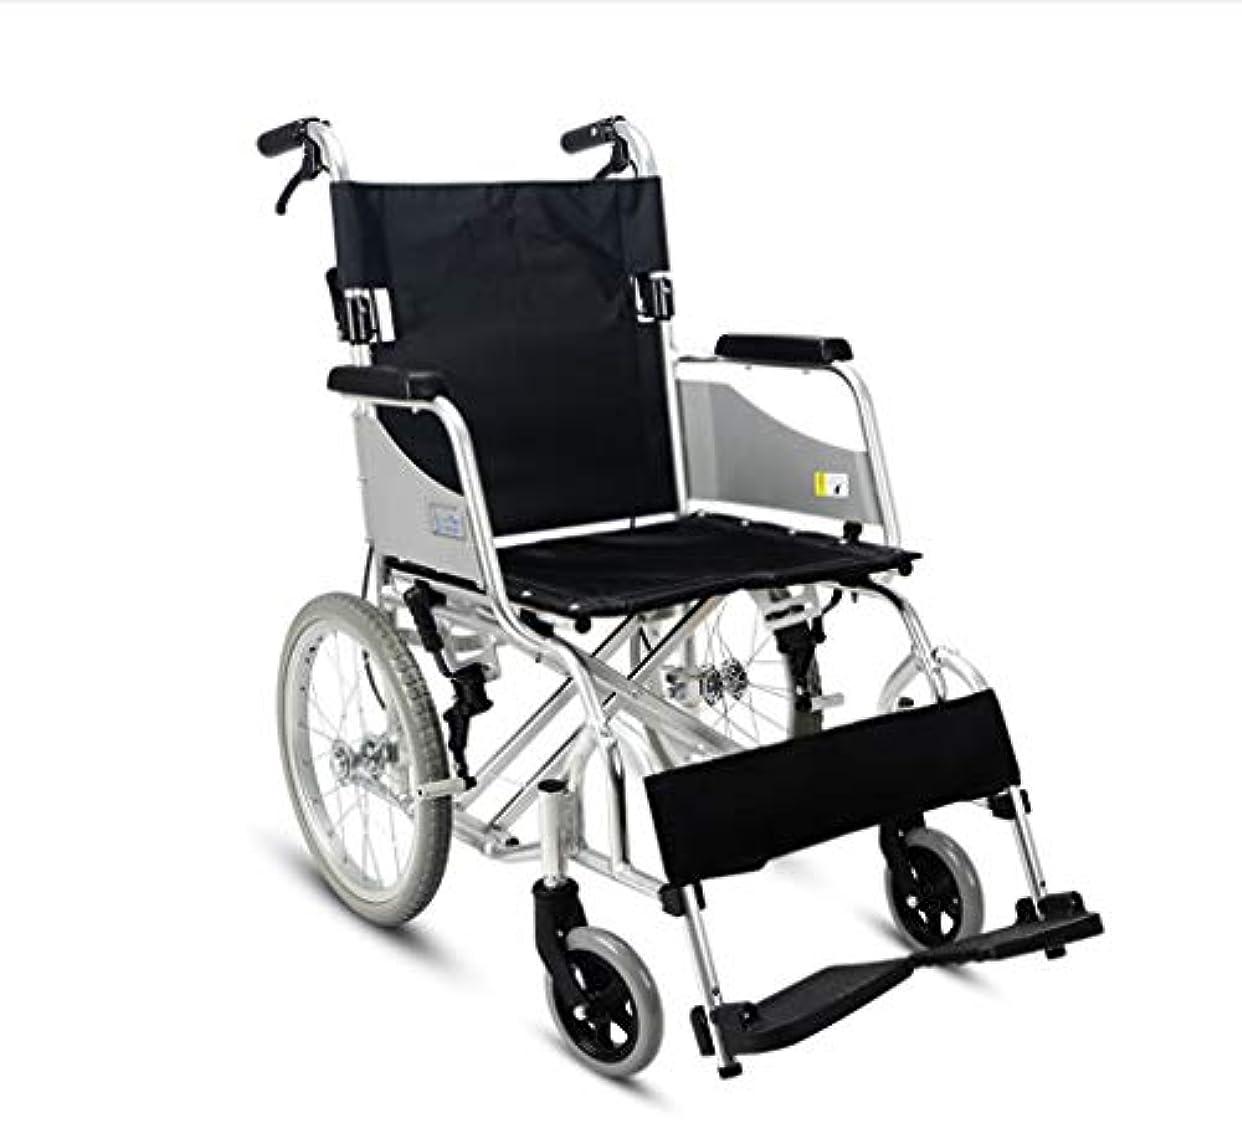 課す大学バイアス車椅子高齢者ポータブル、折りたたみハンドプッシュ屋外旅行車椅子